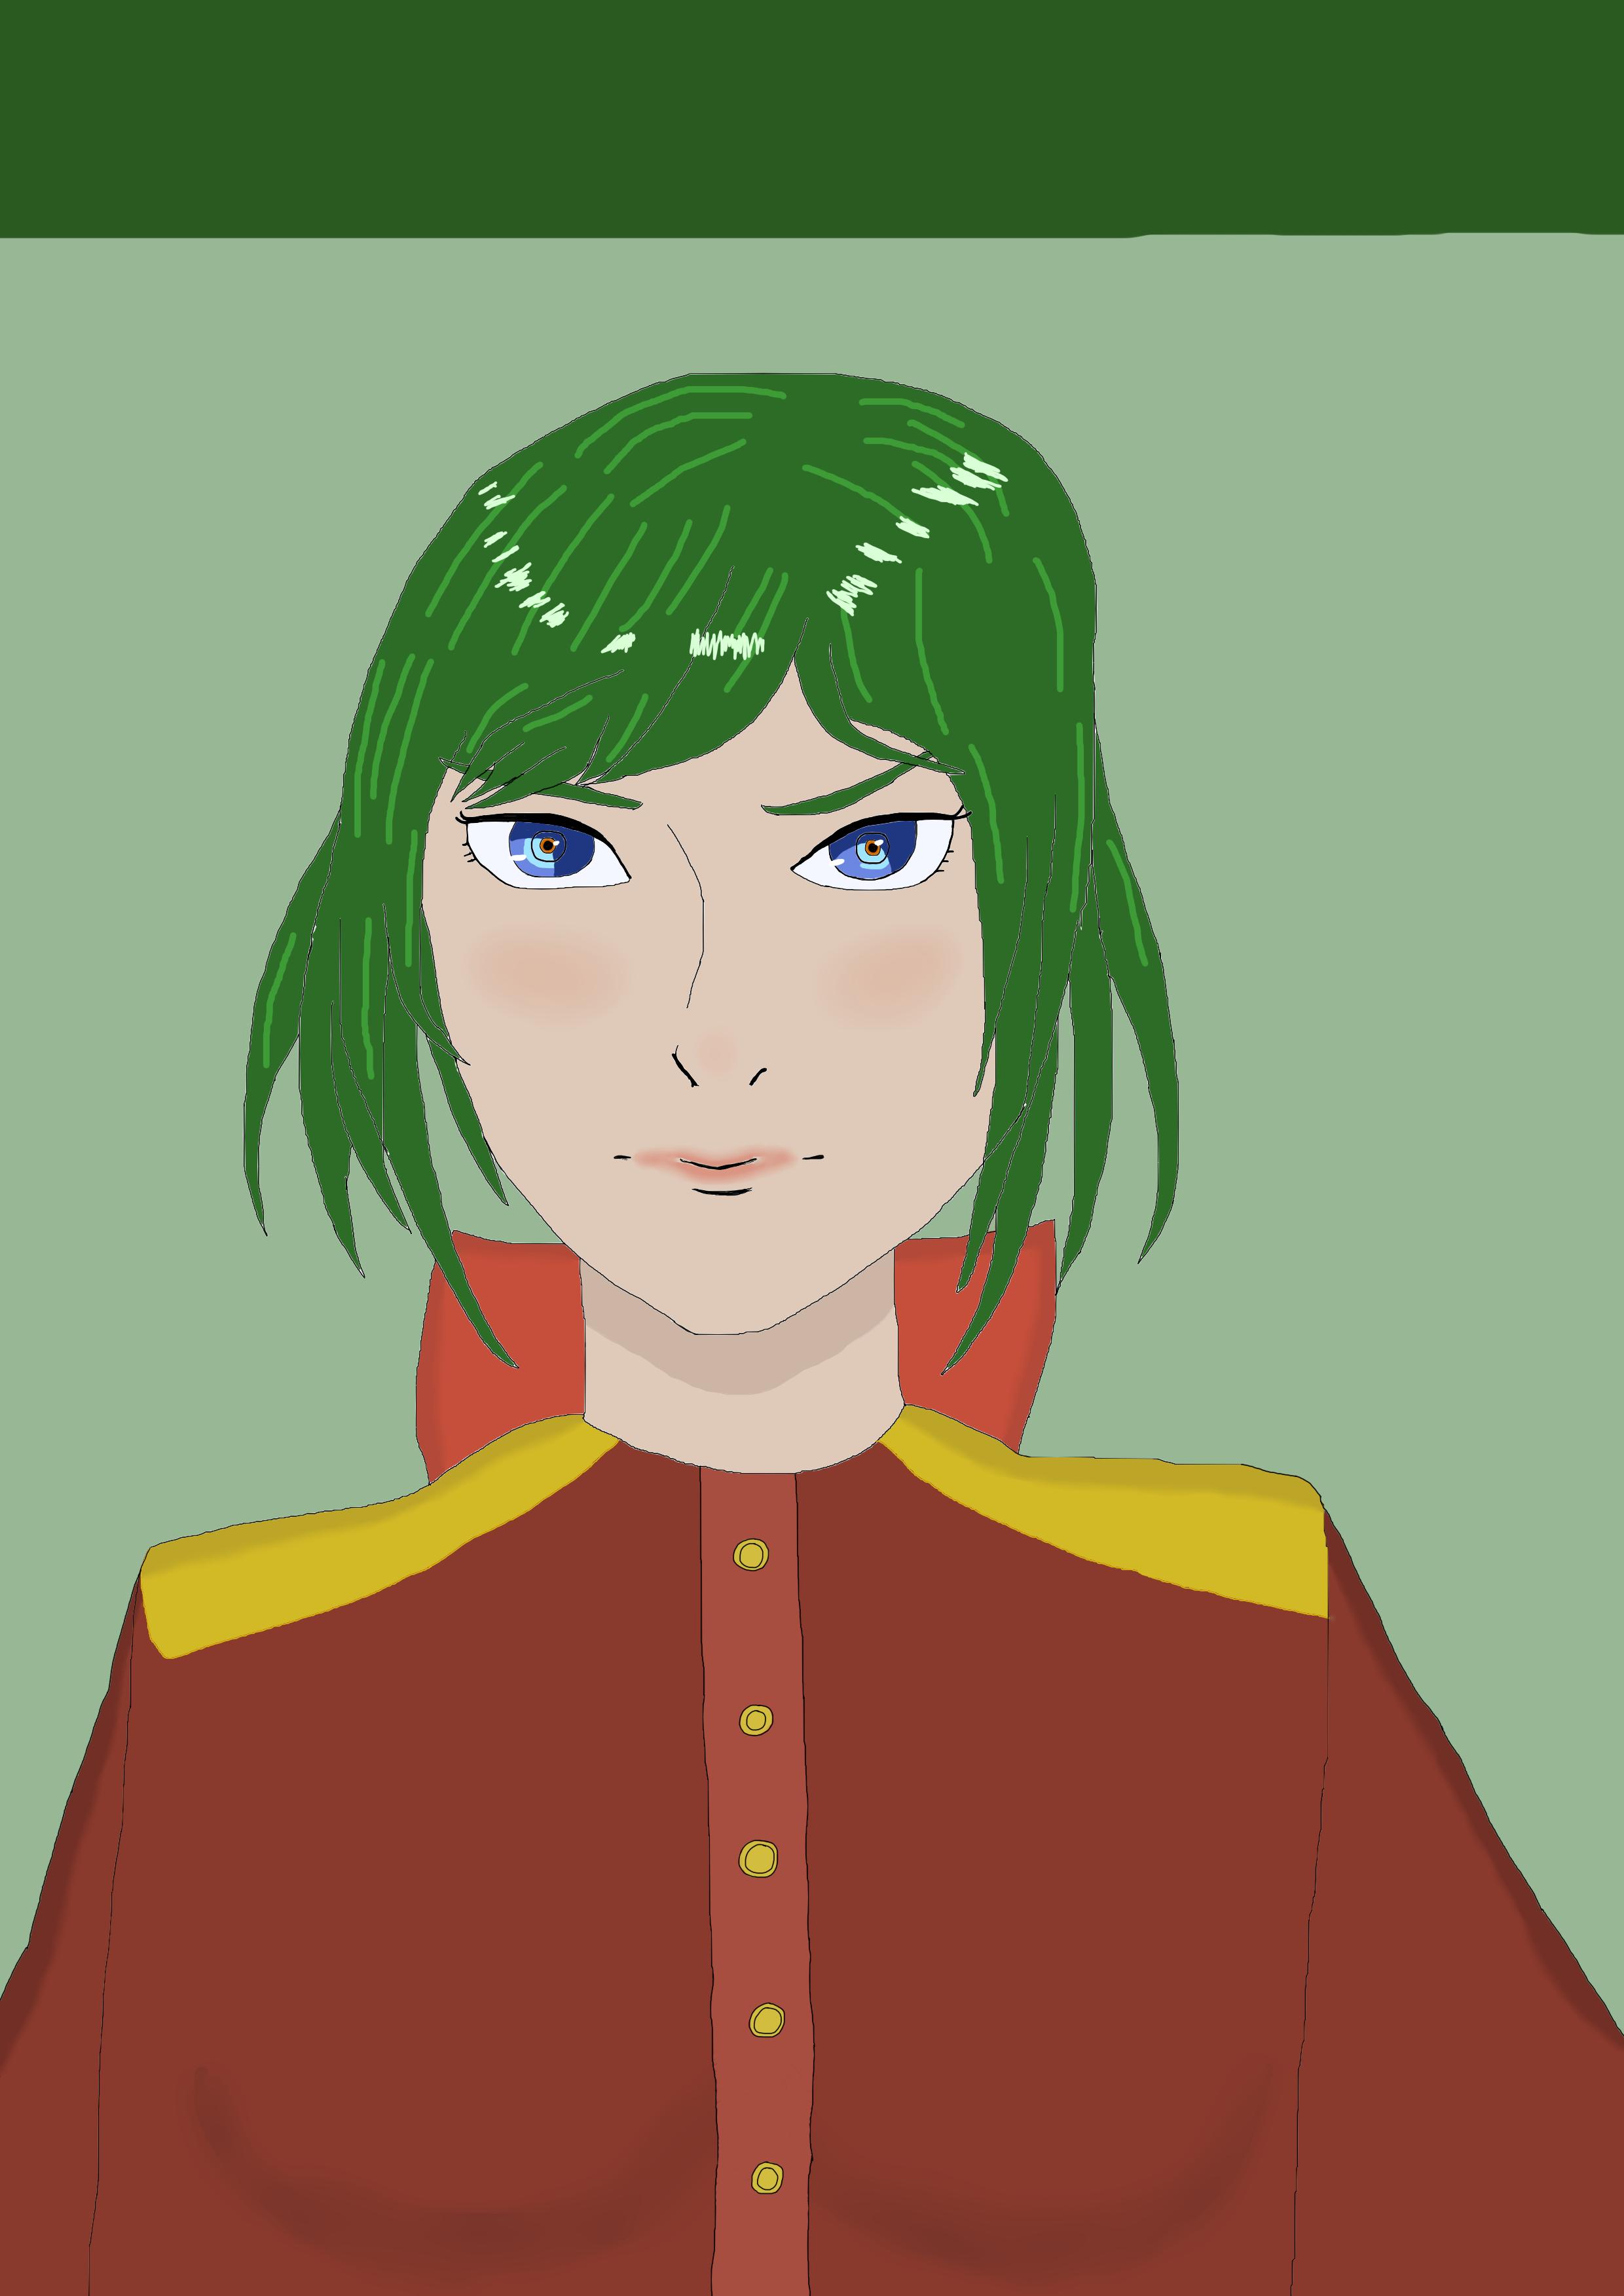 Animegirl21